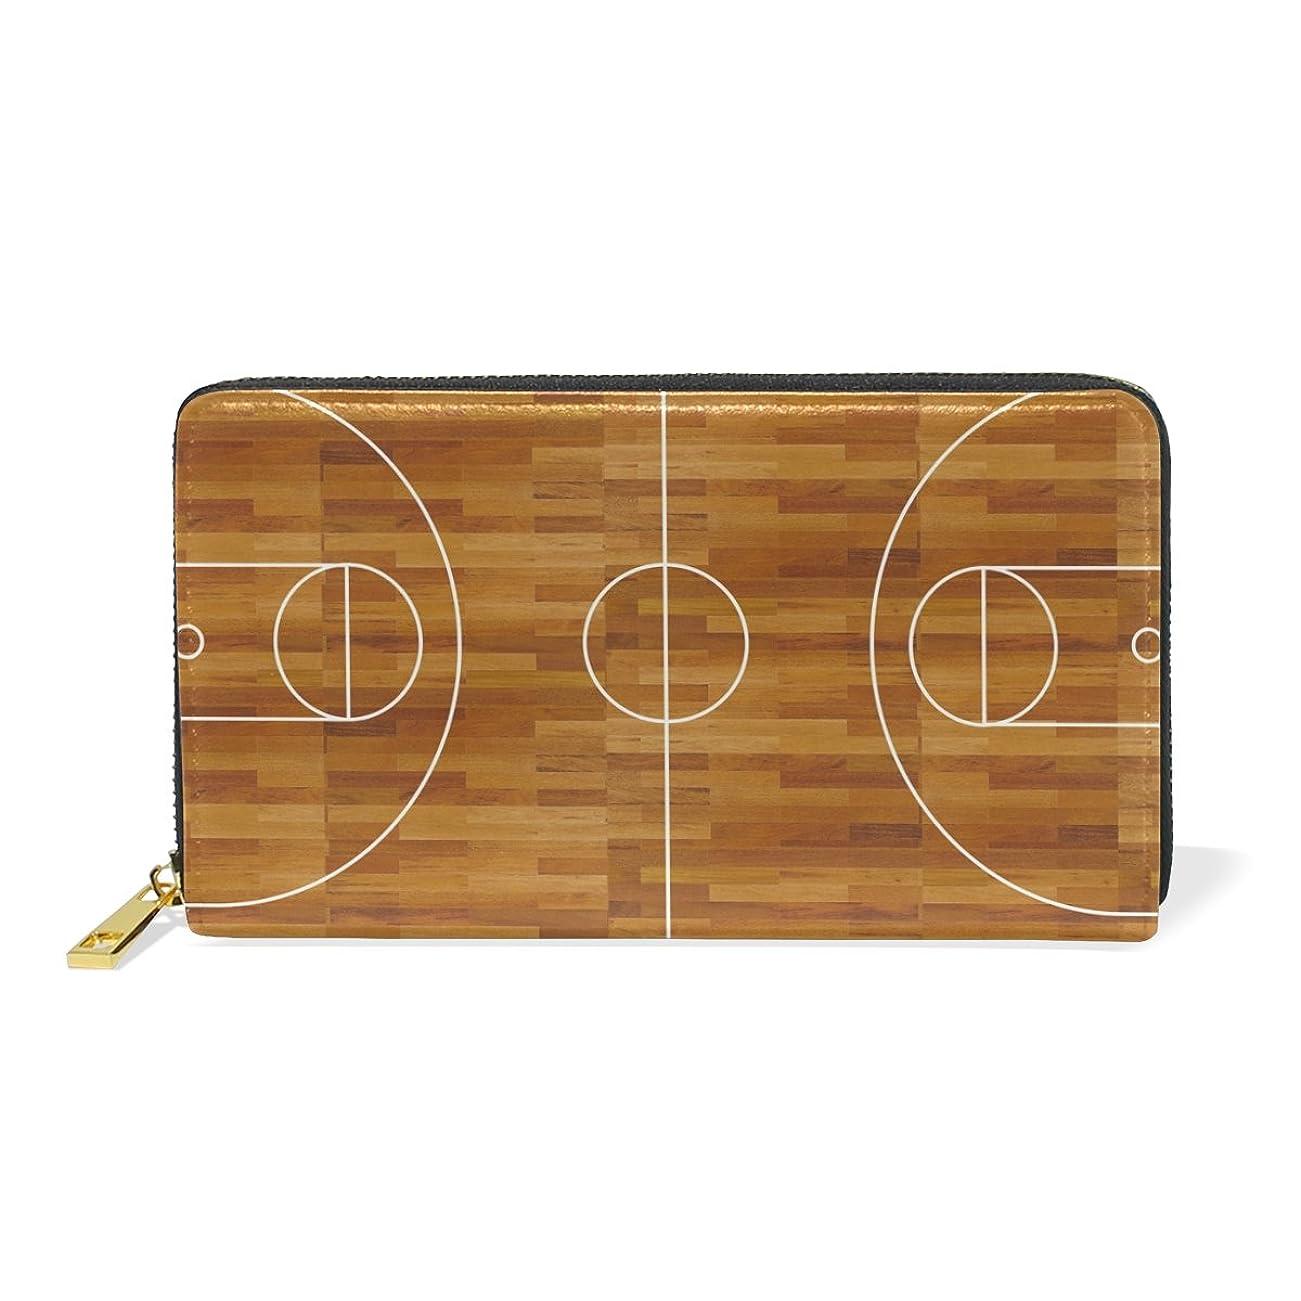 腐敗地平線改善AOMOKI 財布 長財布 レディース 本革 大容量 ラウンドファスナー 通勤 通学 バスケットボール